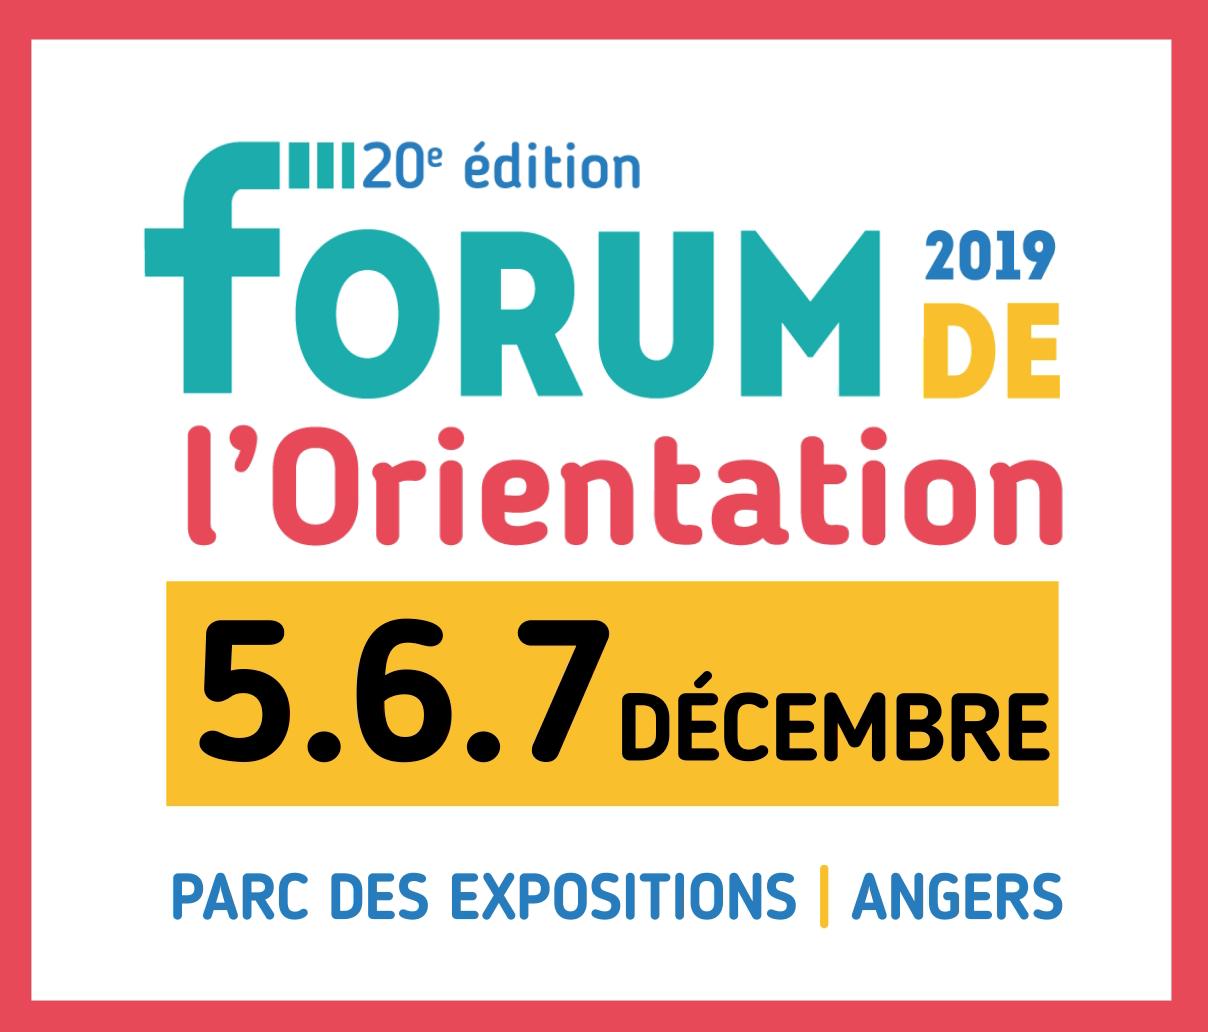 Motion Design Forum de l'orientation d'Angers